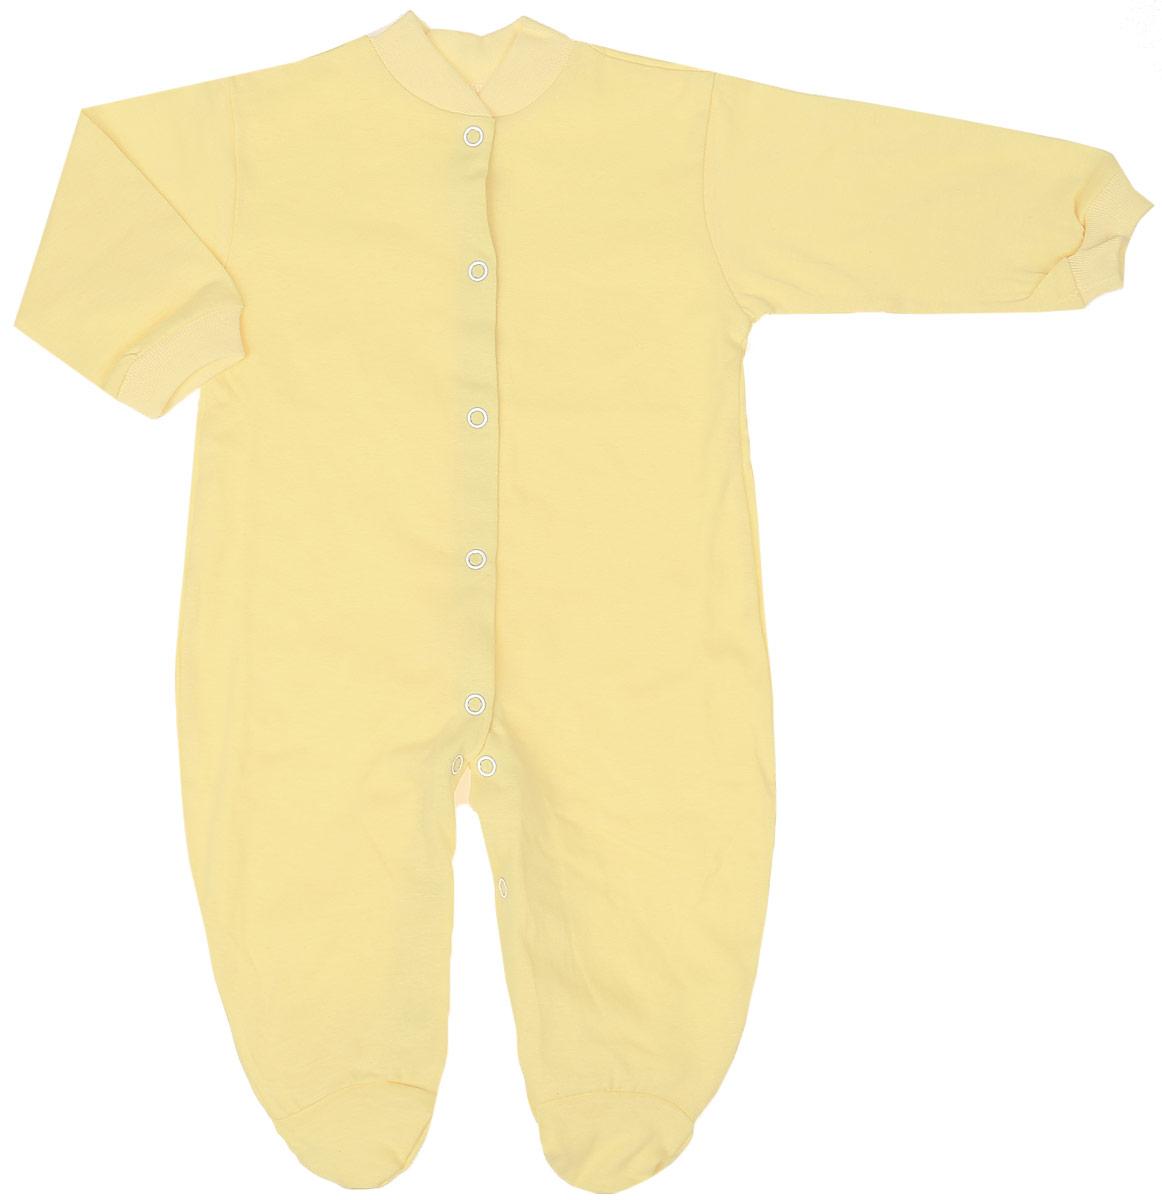 Комбинезон домашний5801Удобный детский комбинезон Чудесные одежки выполнен из натурального хлопка. Комбинезон с небольшим воротничком-стойкой, длинными рукавами и закрытыми ножками имеет застежки-кнопки спереди и на ластовице, которые помогают легко переодеть младенца или сменить подгузник. Воротничок и манжеты на рукавах выполнены из трикотажной эластичной резинки. Изделие оформлено в лаконичном дизайне.